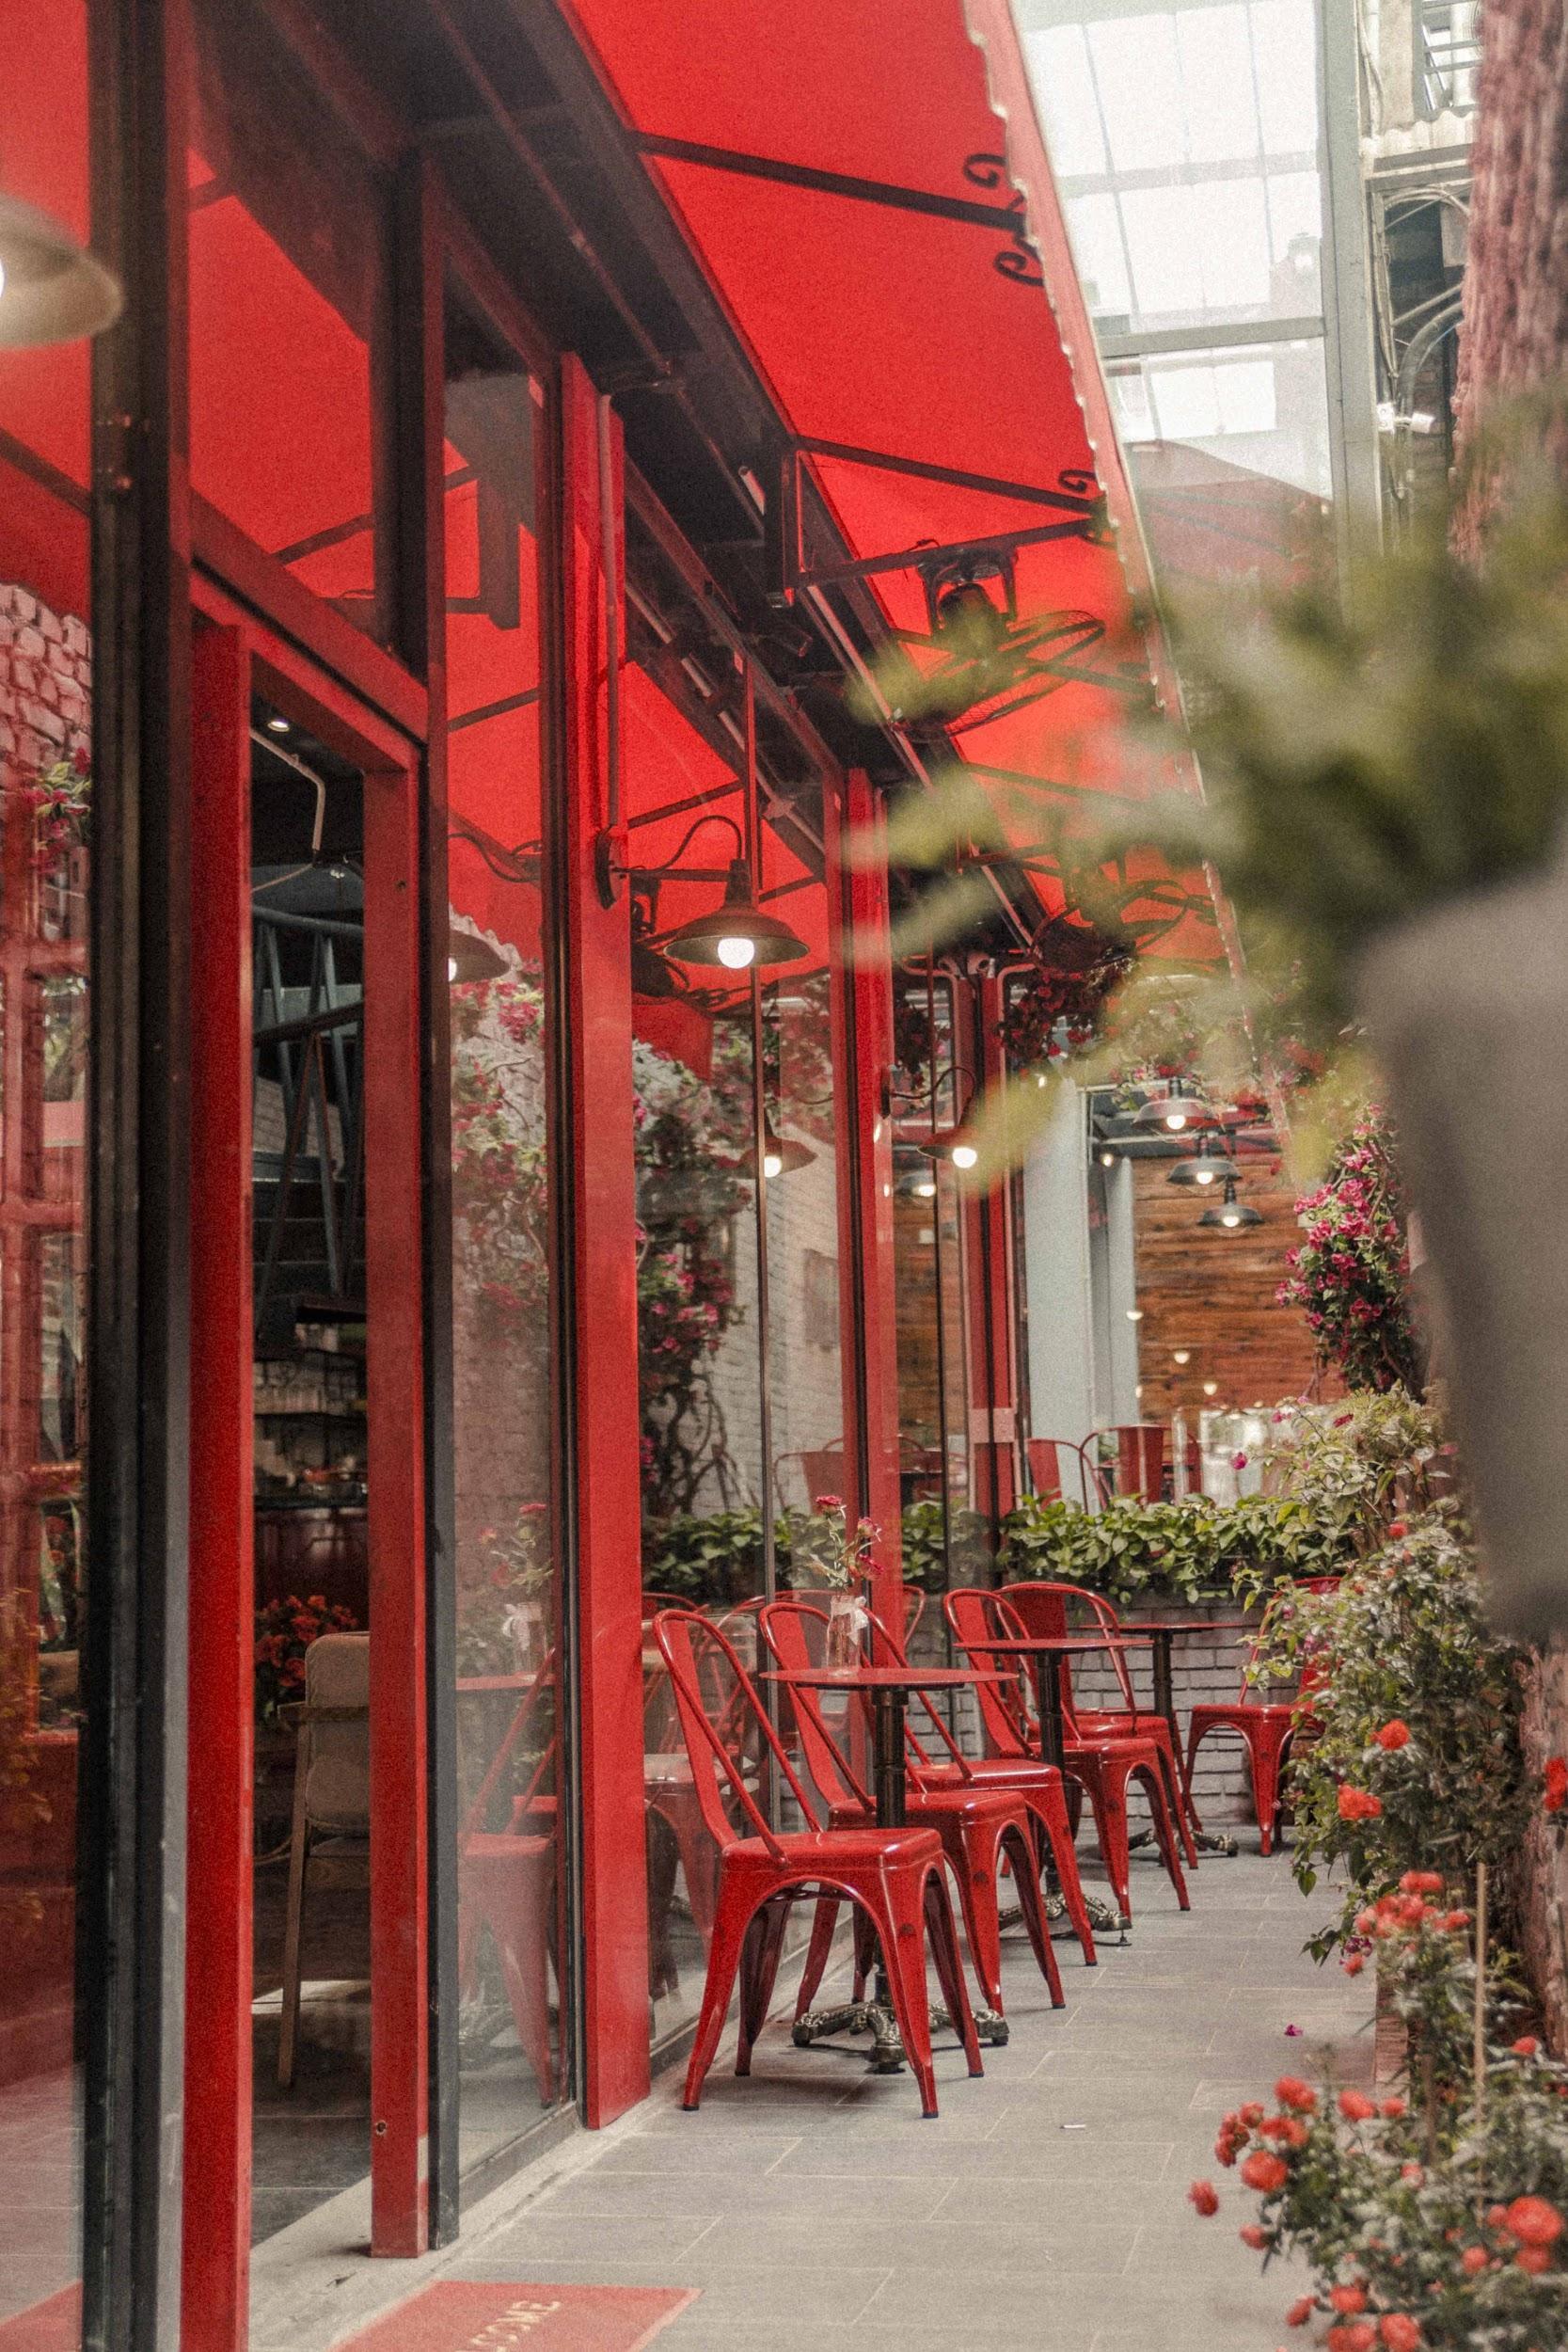 Quán cà phê đỏ rực như Paris tại Hà Nội mà bạn nhất định phải check-in dịp Tết này - Ảnh 3.